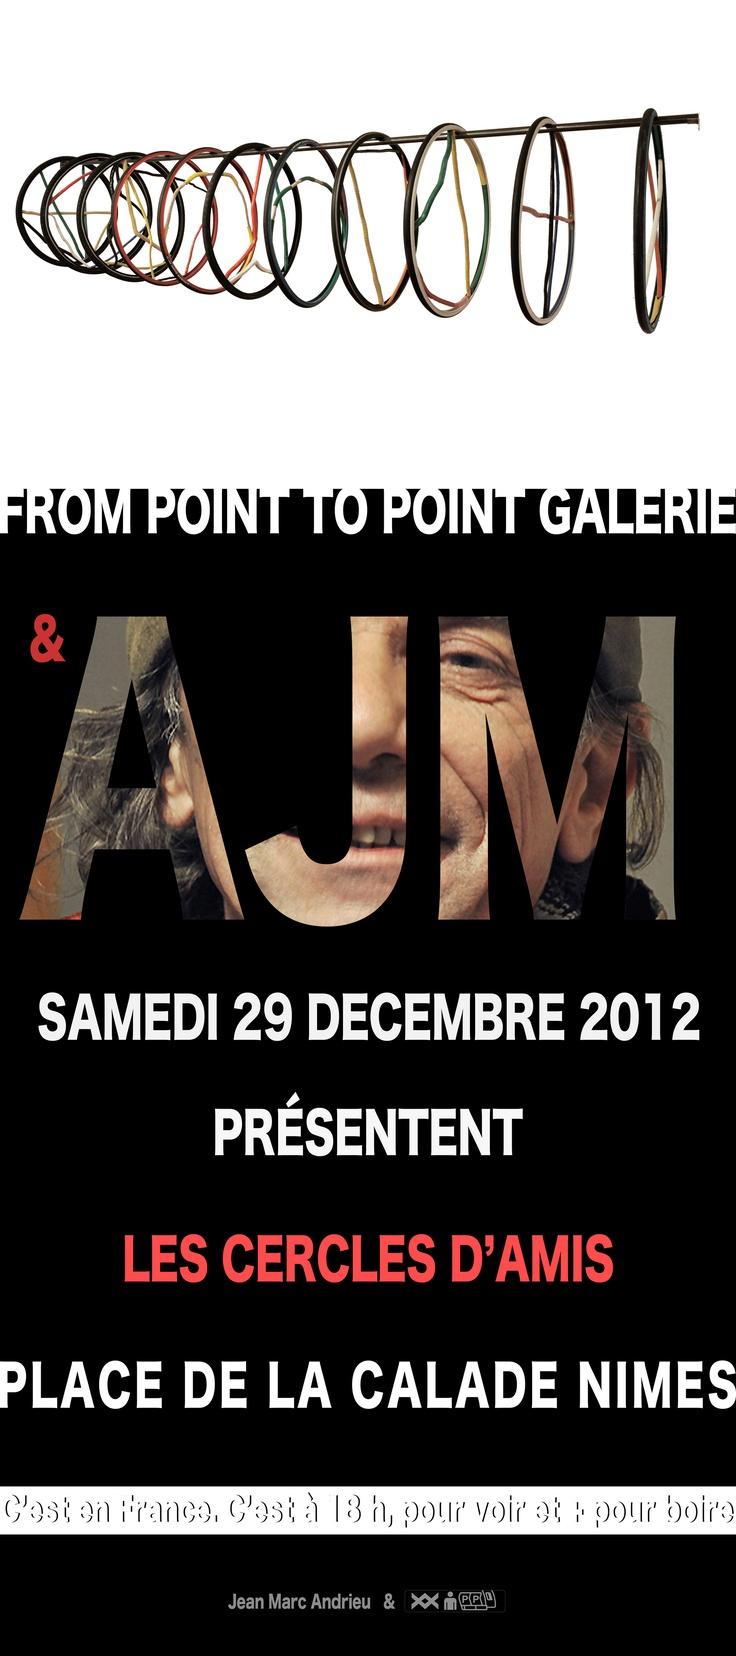 Cercles d'amis Invitation lien  http://www.blogg.org/blog-56679-billet-les_cercles_d_amis__art_contemporain_n%C3%8Emes-1430460.html